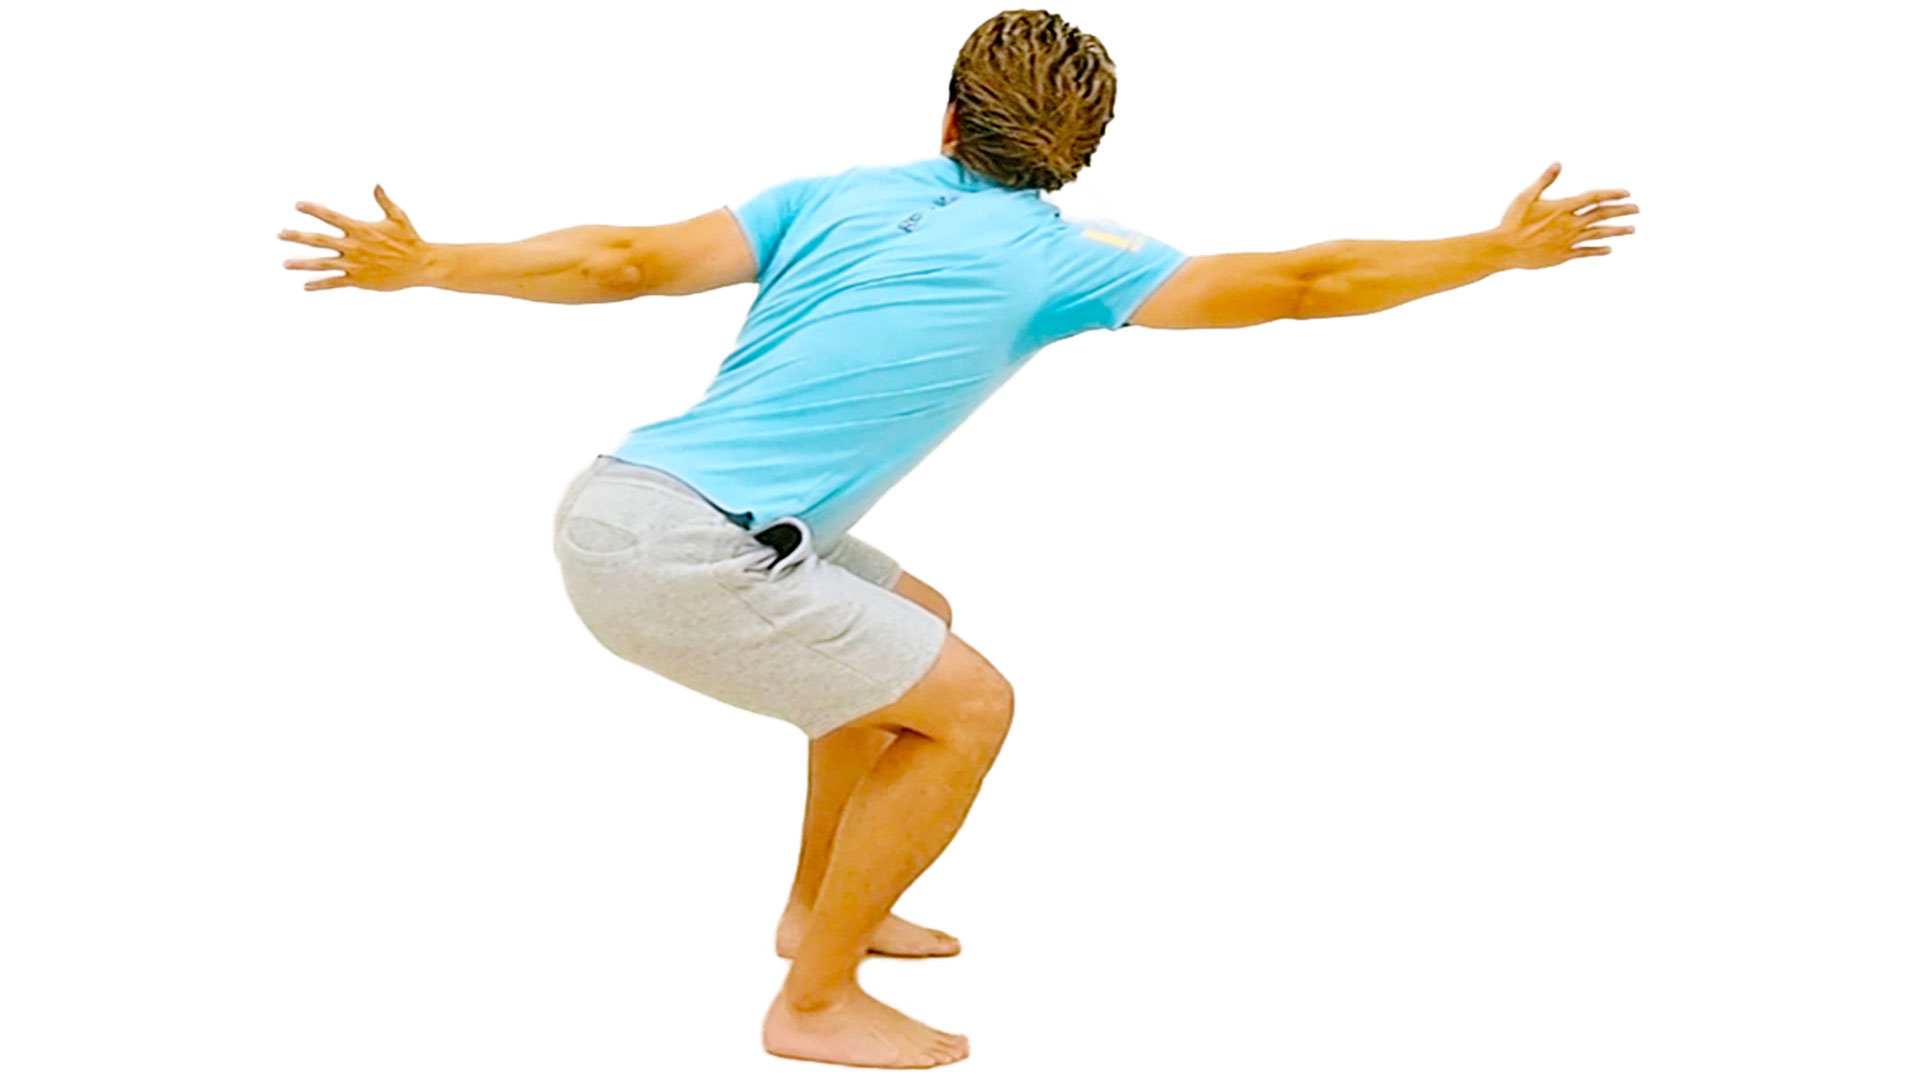 簡単ストレッチ体操!職場で休憩時間にオススメ! #肩こり #腰痛